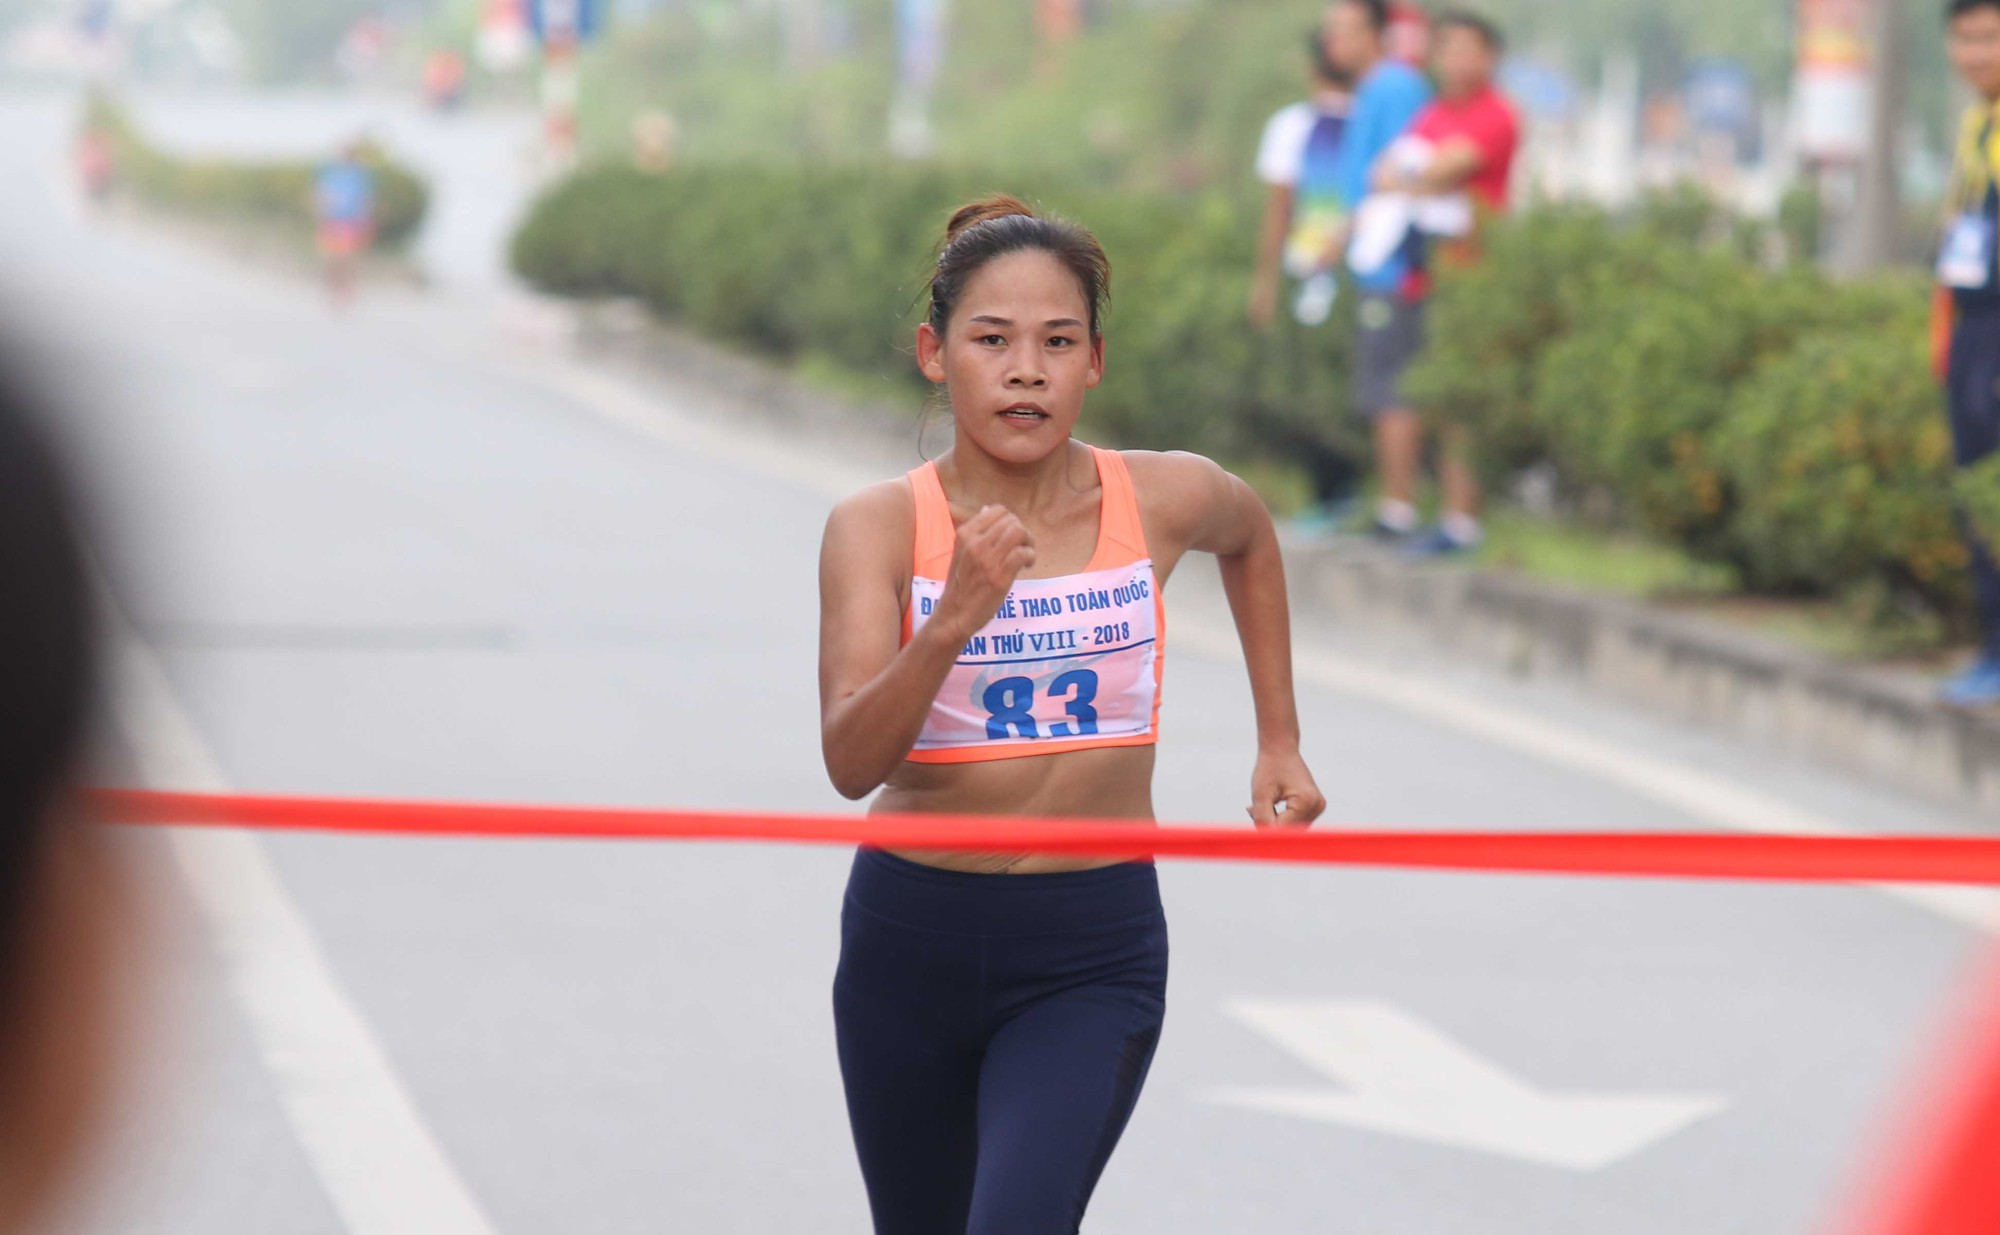 Hồng Lệ và Thế Anh vô địch marathon, chị em Thành Ngưng-Thanh Phúc không có đối thủ - Ảnh 4.